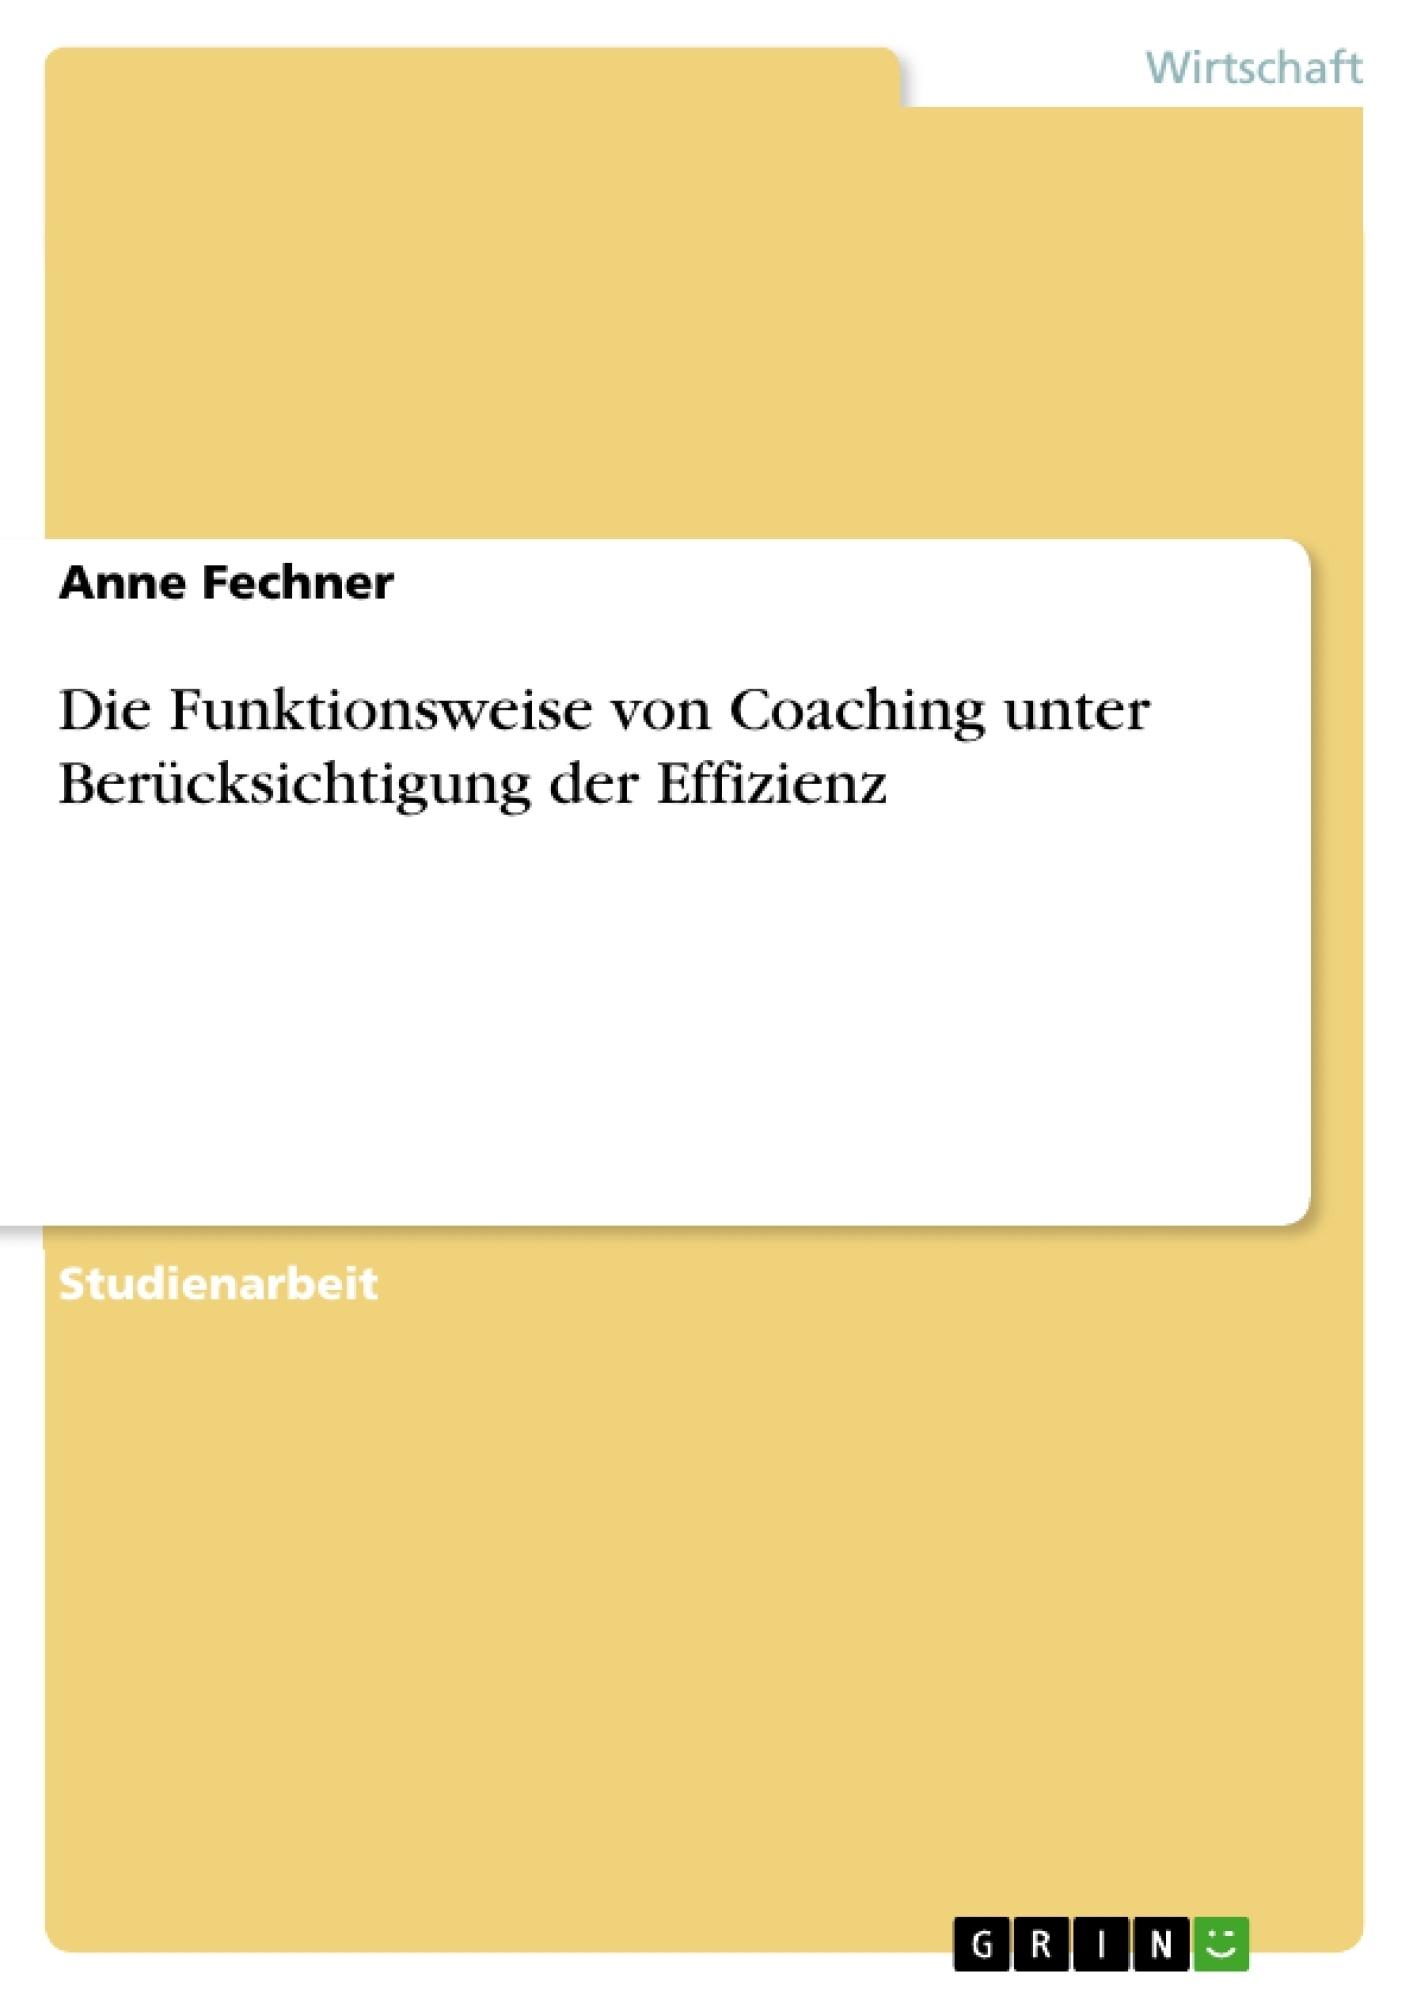 Titel: Die Funktionsweise von Coaching unter Berücksichtigung der Effizienz